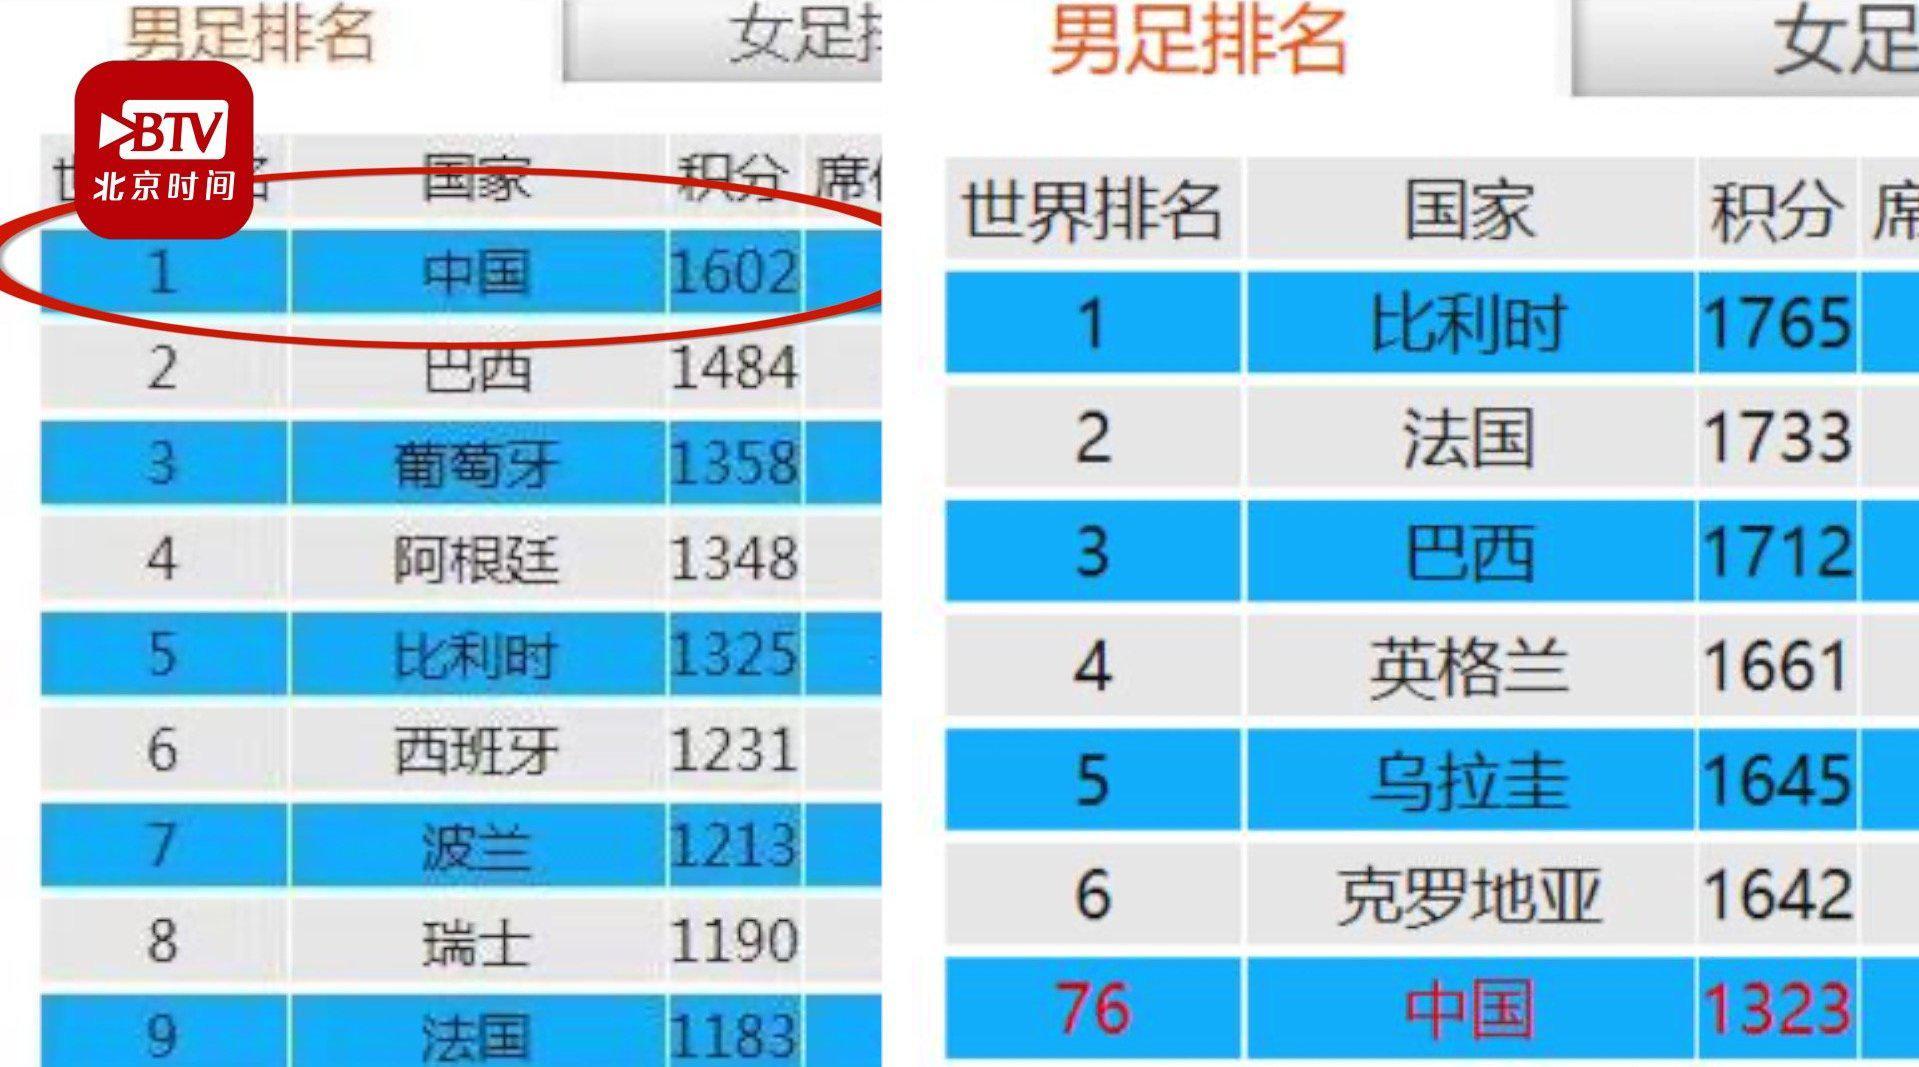 广东足协官网被黑客攻击:将国足排世界第一